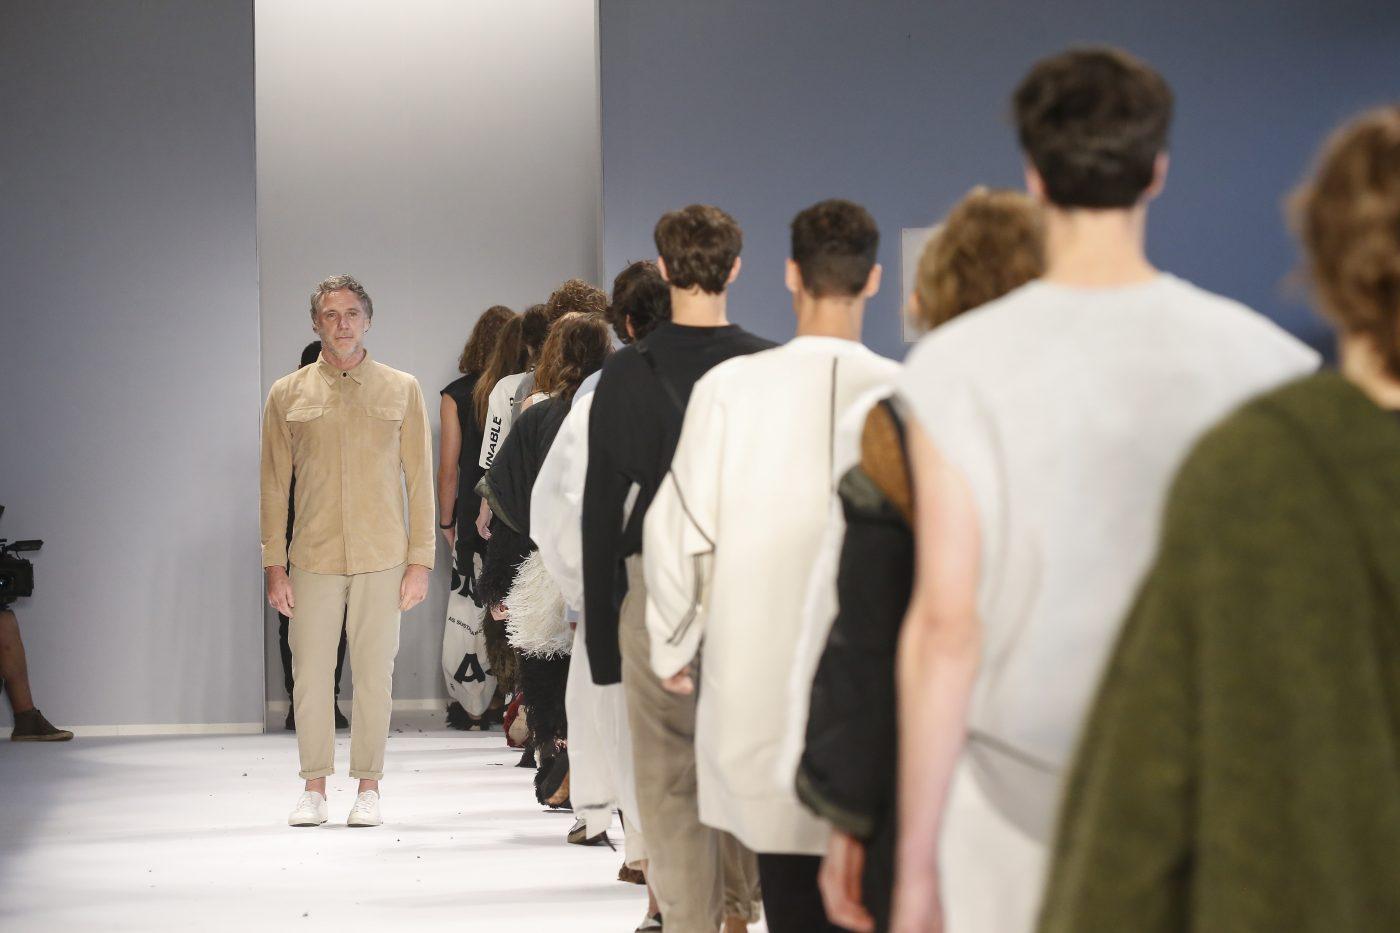 A Osklen desfilou a coleção mais sustentável da sua história na última São Paulo Fashion Week, em abril. Foto: Marcio Madeira /Divulgação)